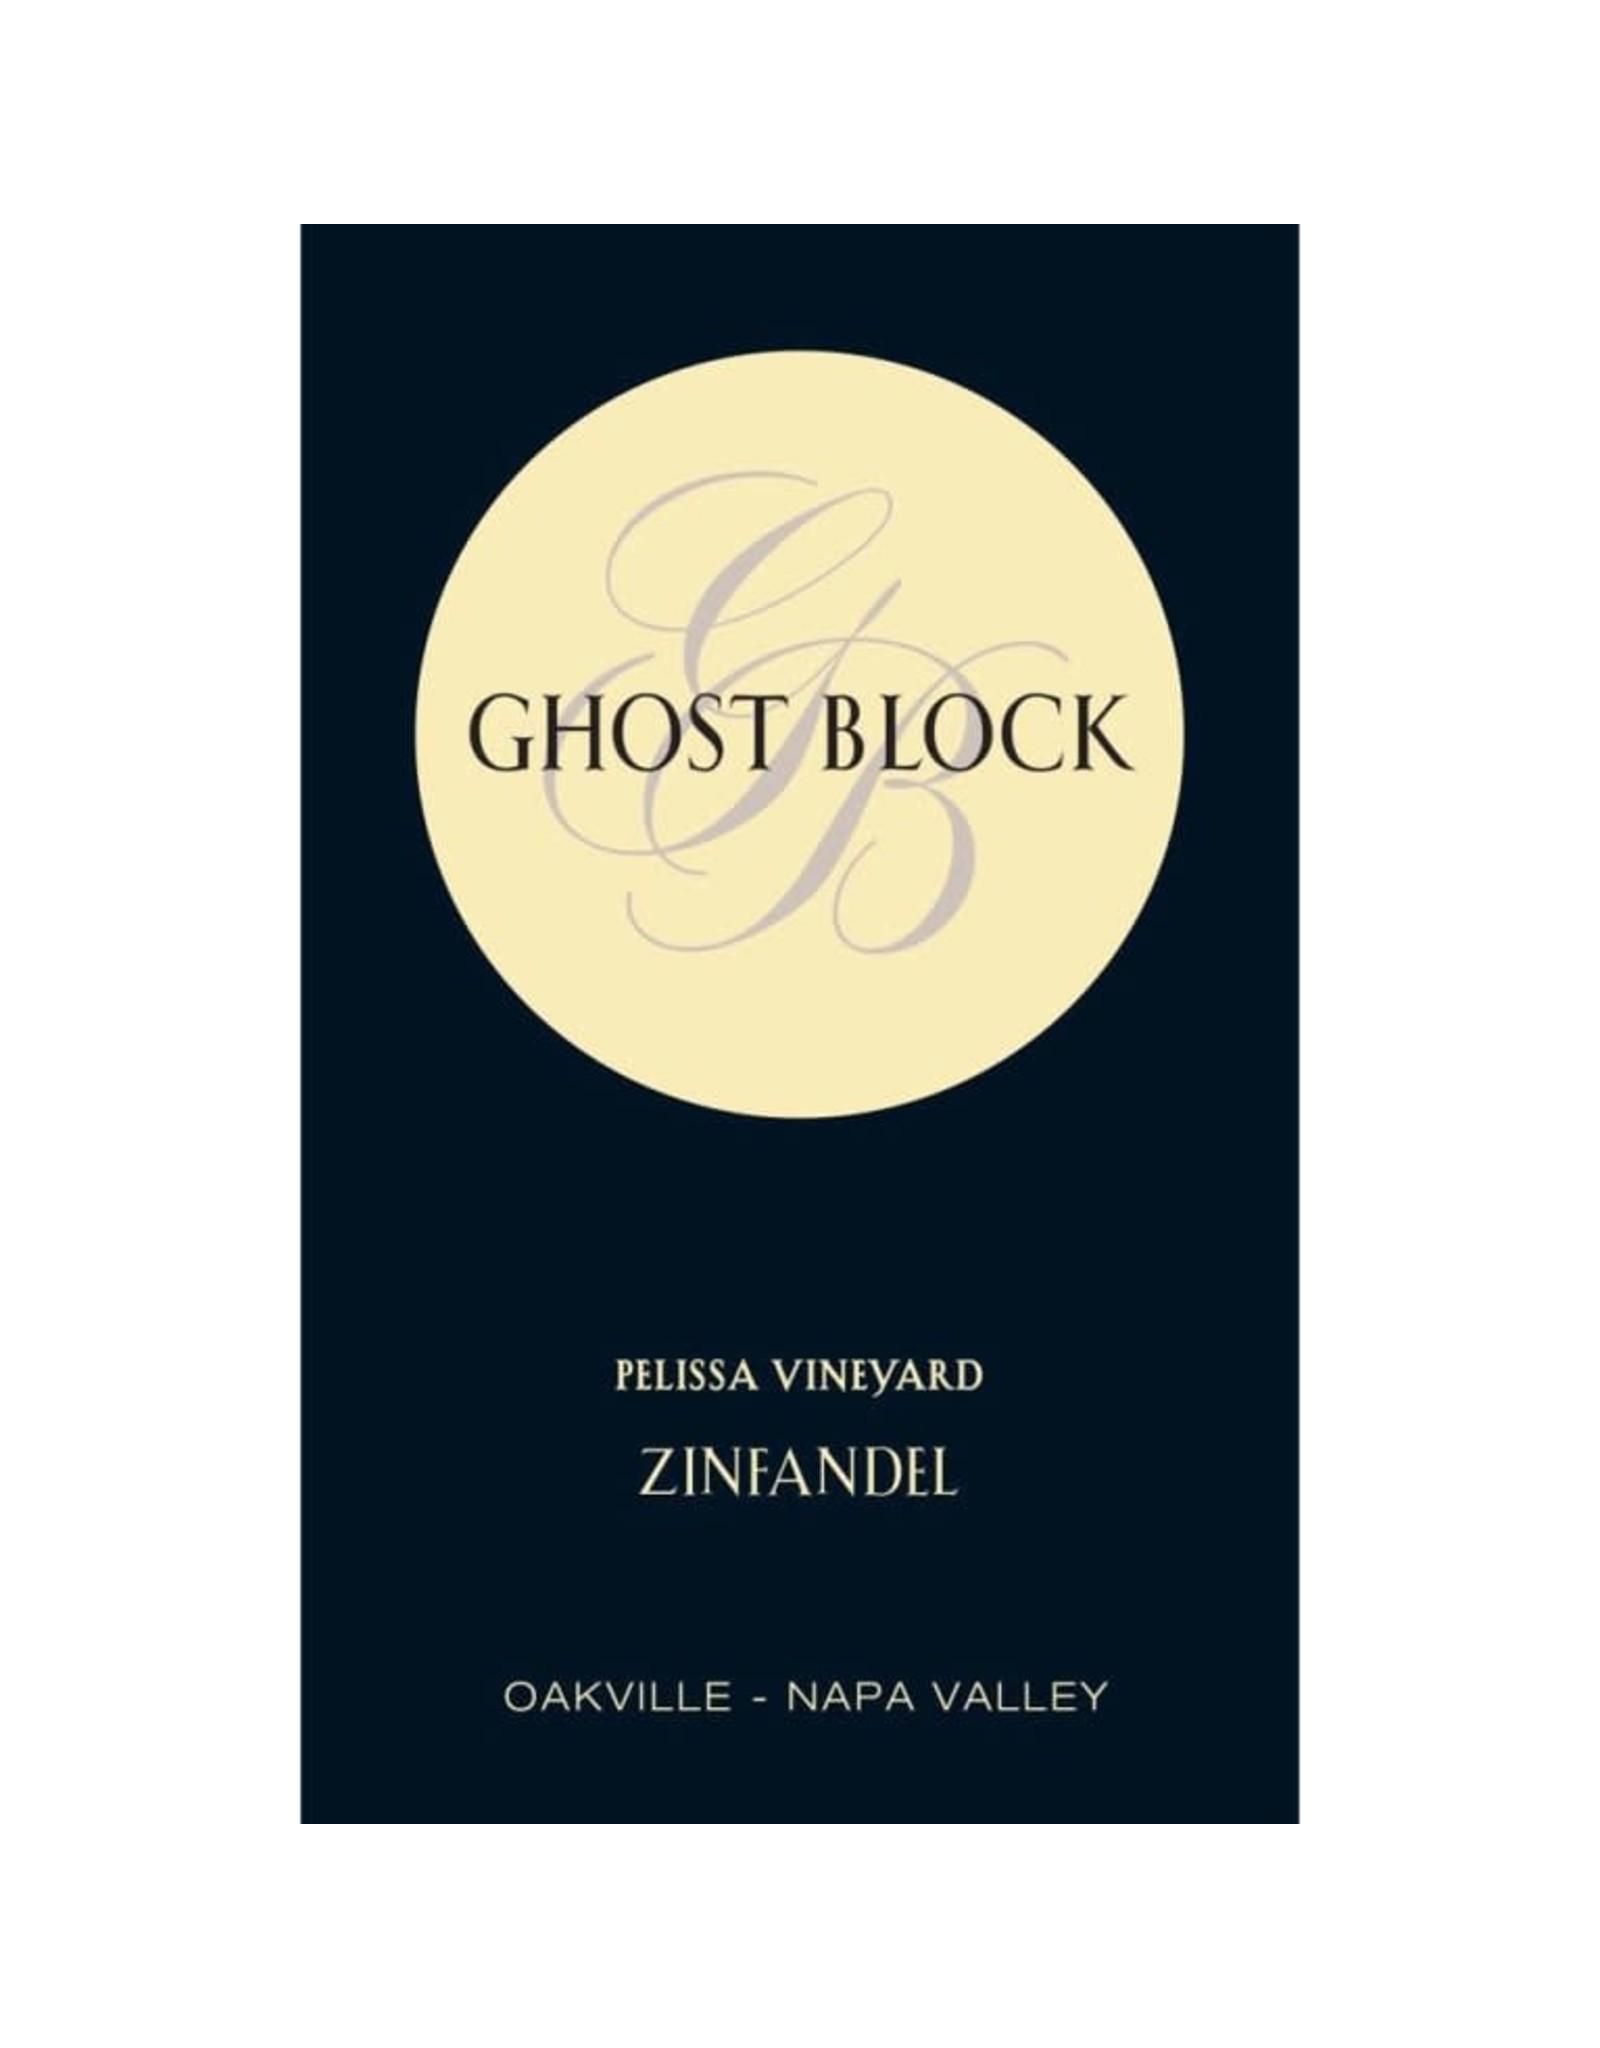 Ghost Block Pelissa Vineyard Zinfandel 2017